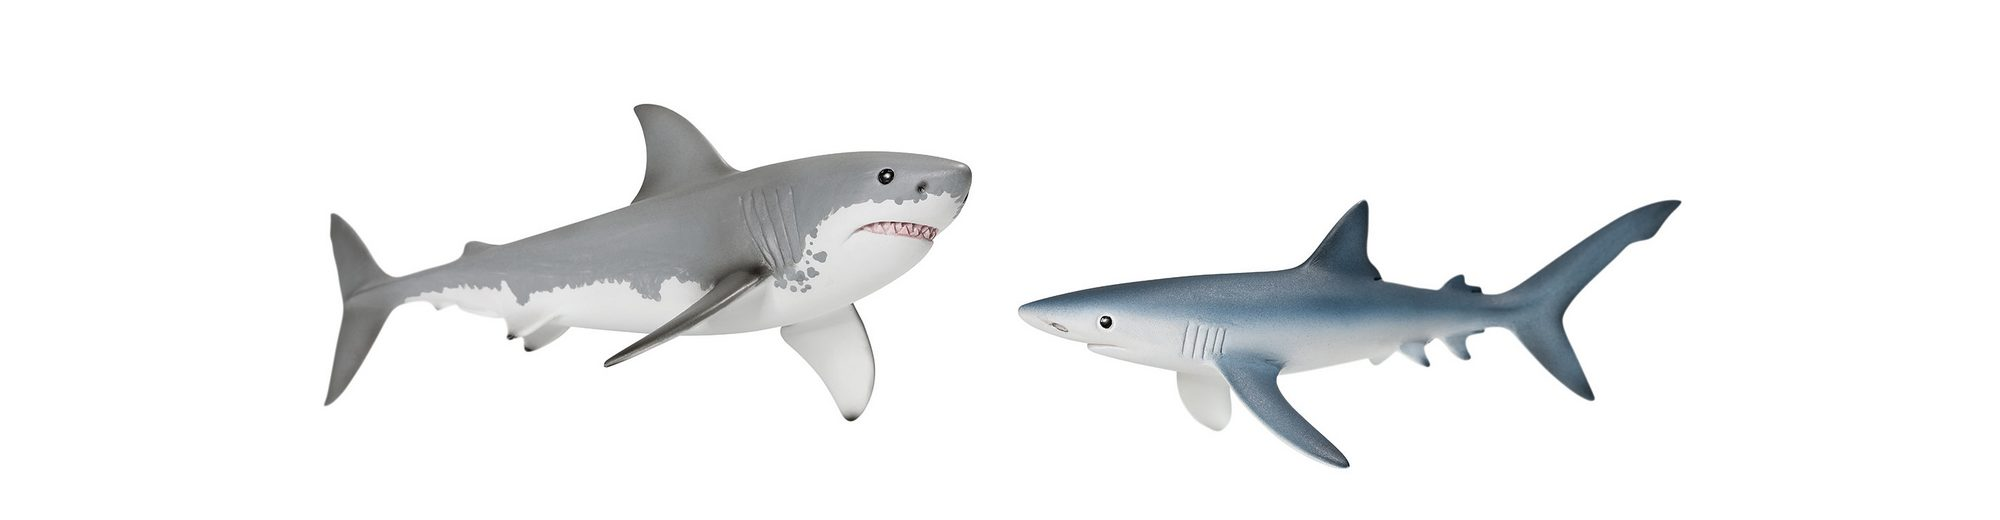 Schleich® Spielfiguren 2-tlg., »World of Nature, Wild Life - Haie«